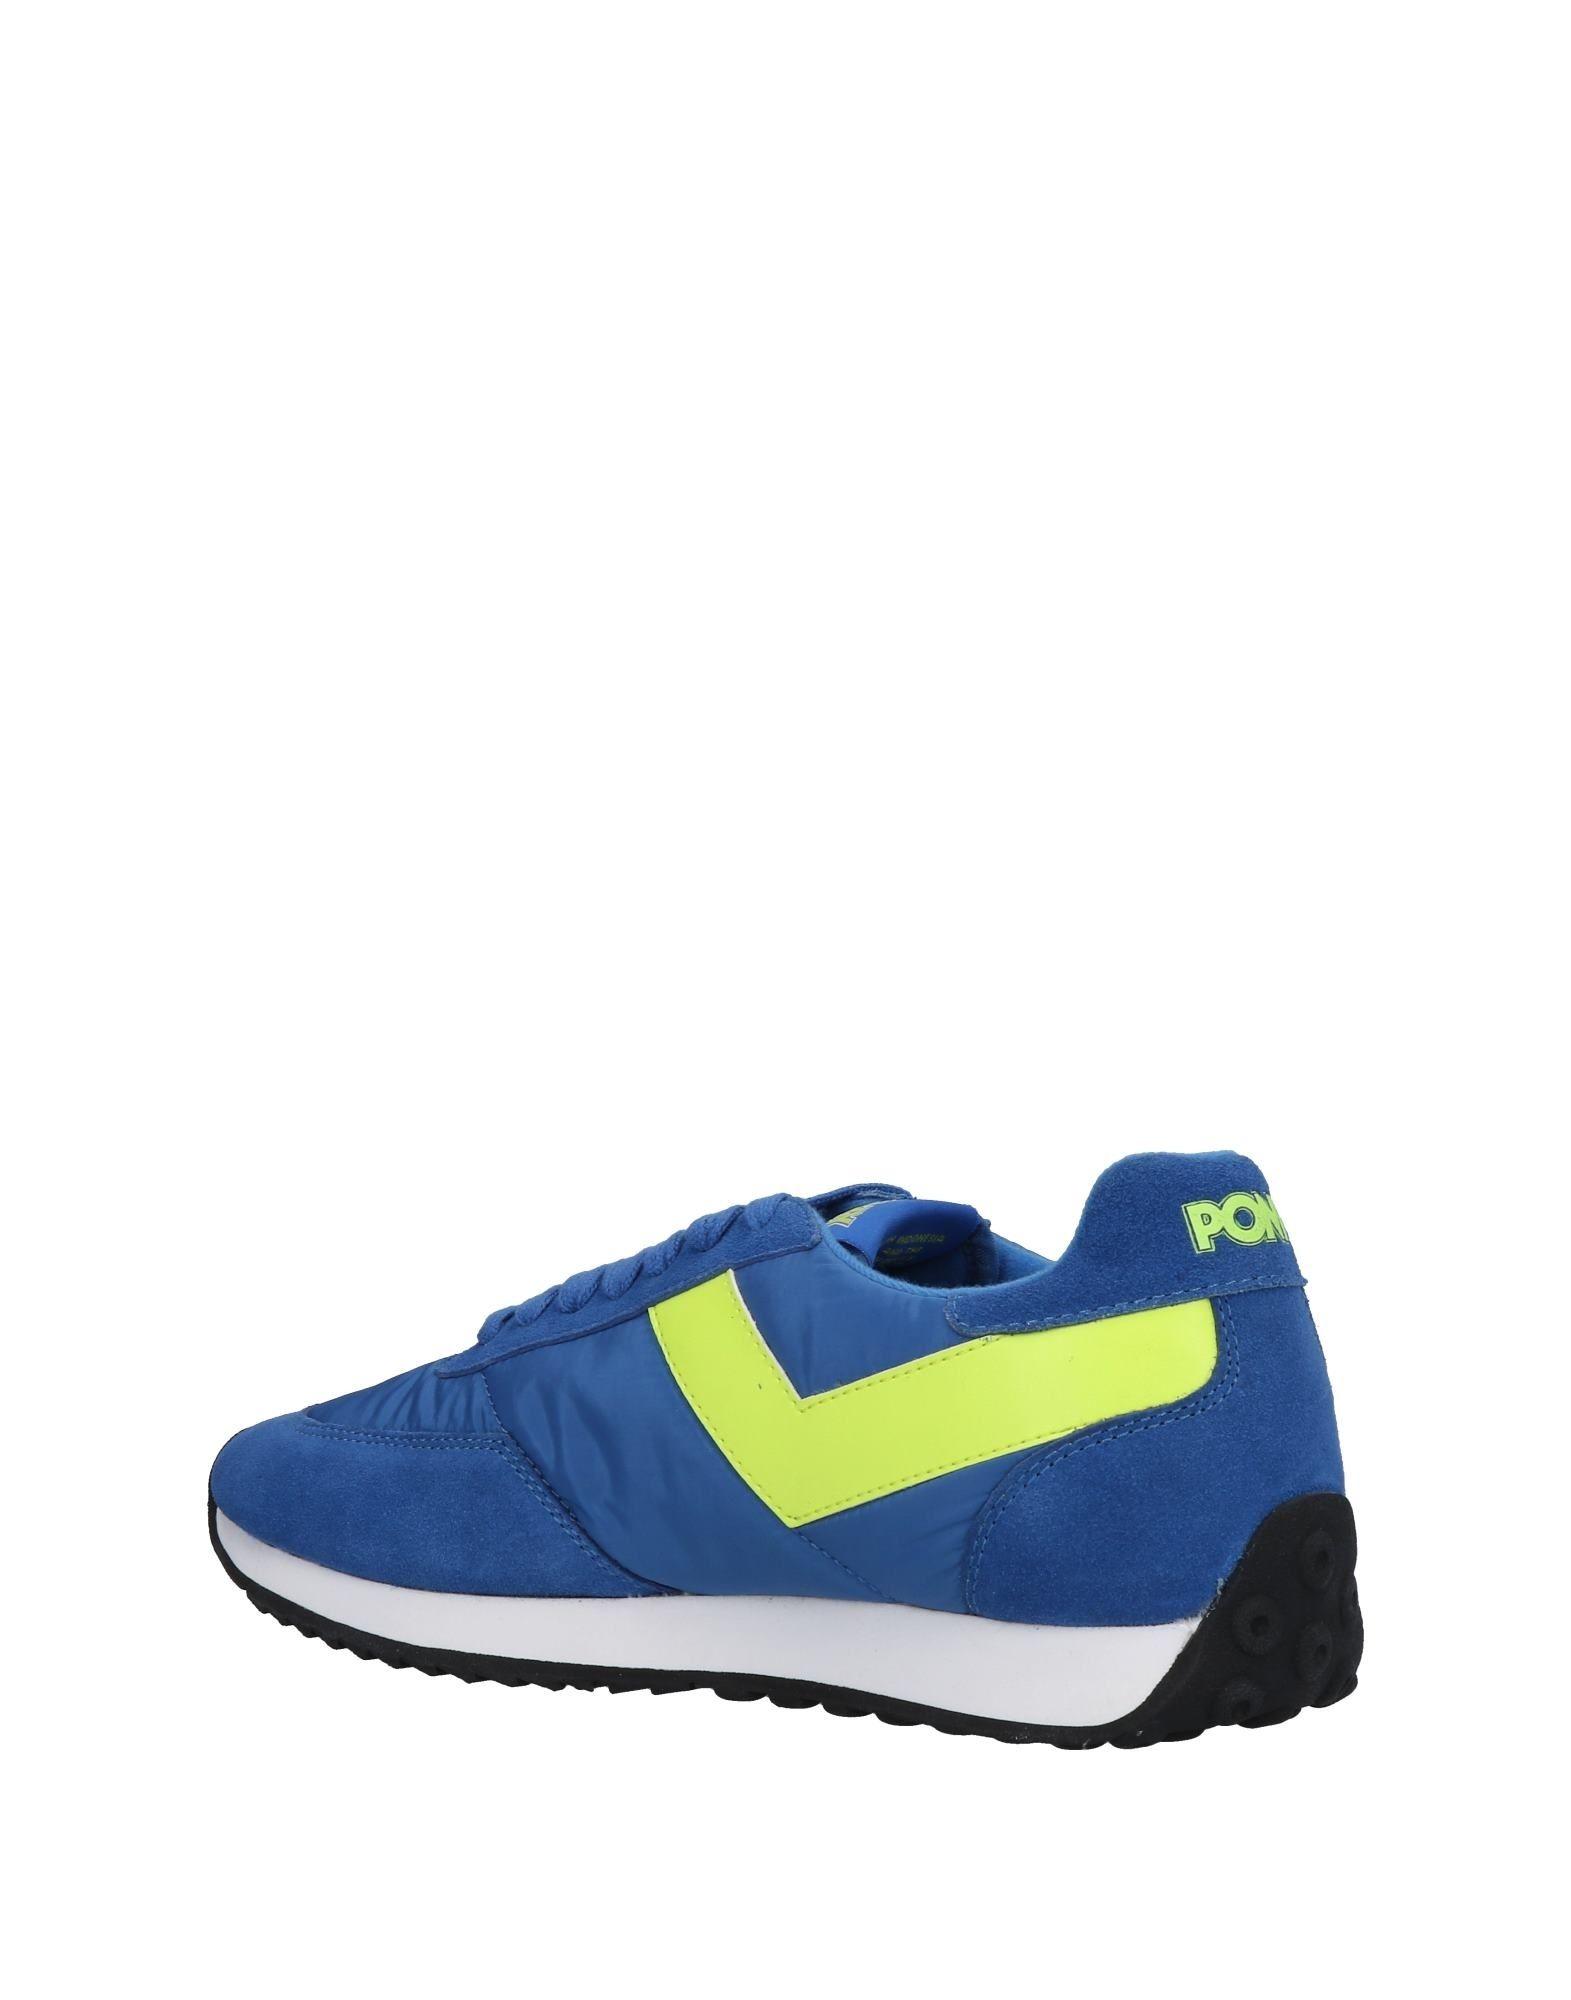 11485308PP Pony Sneakers Herren  11485308PP  4bef56